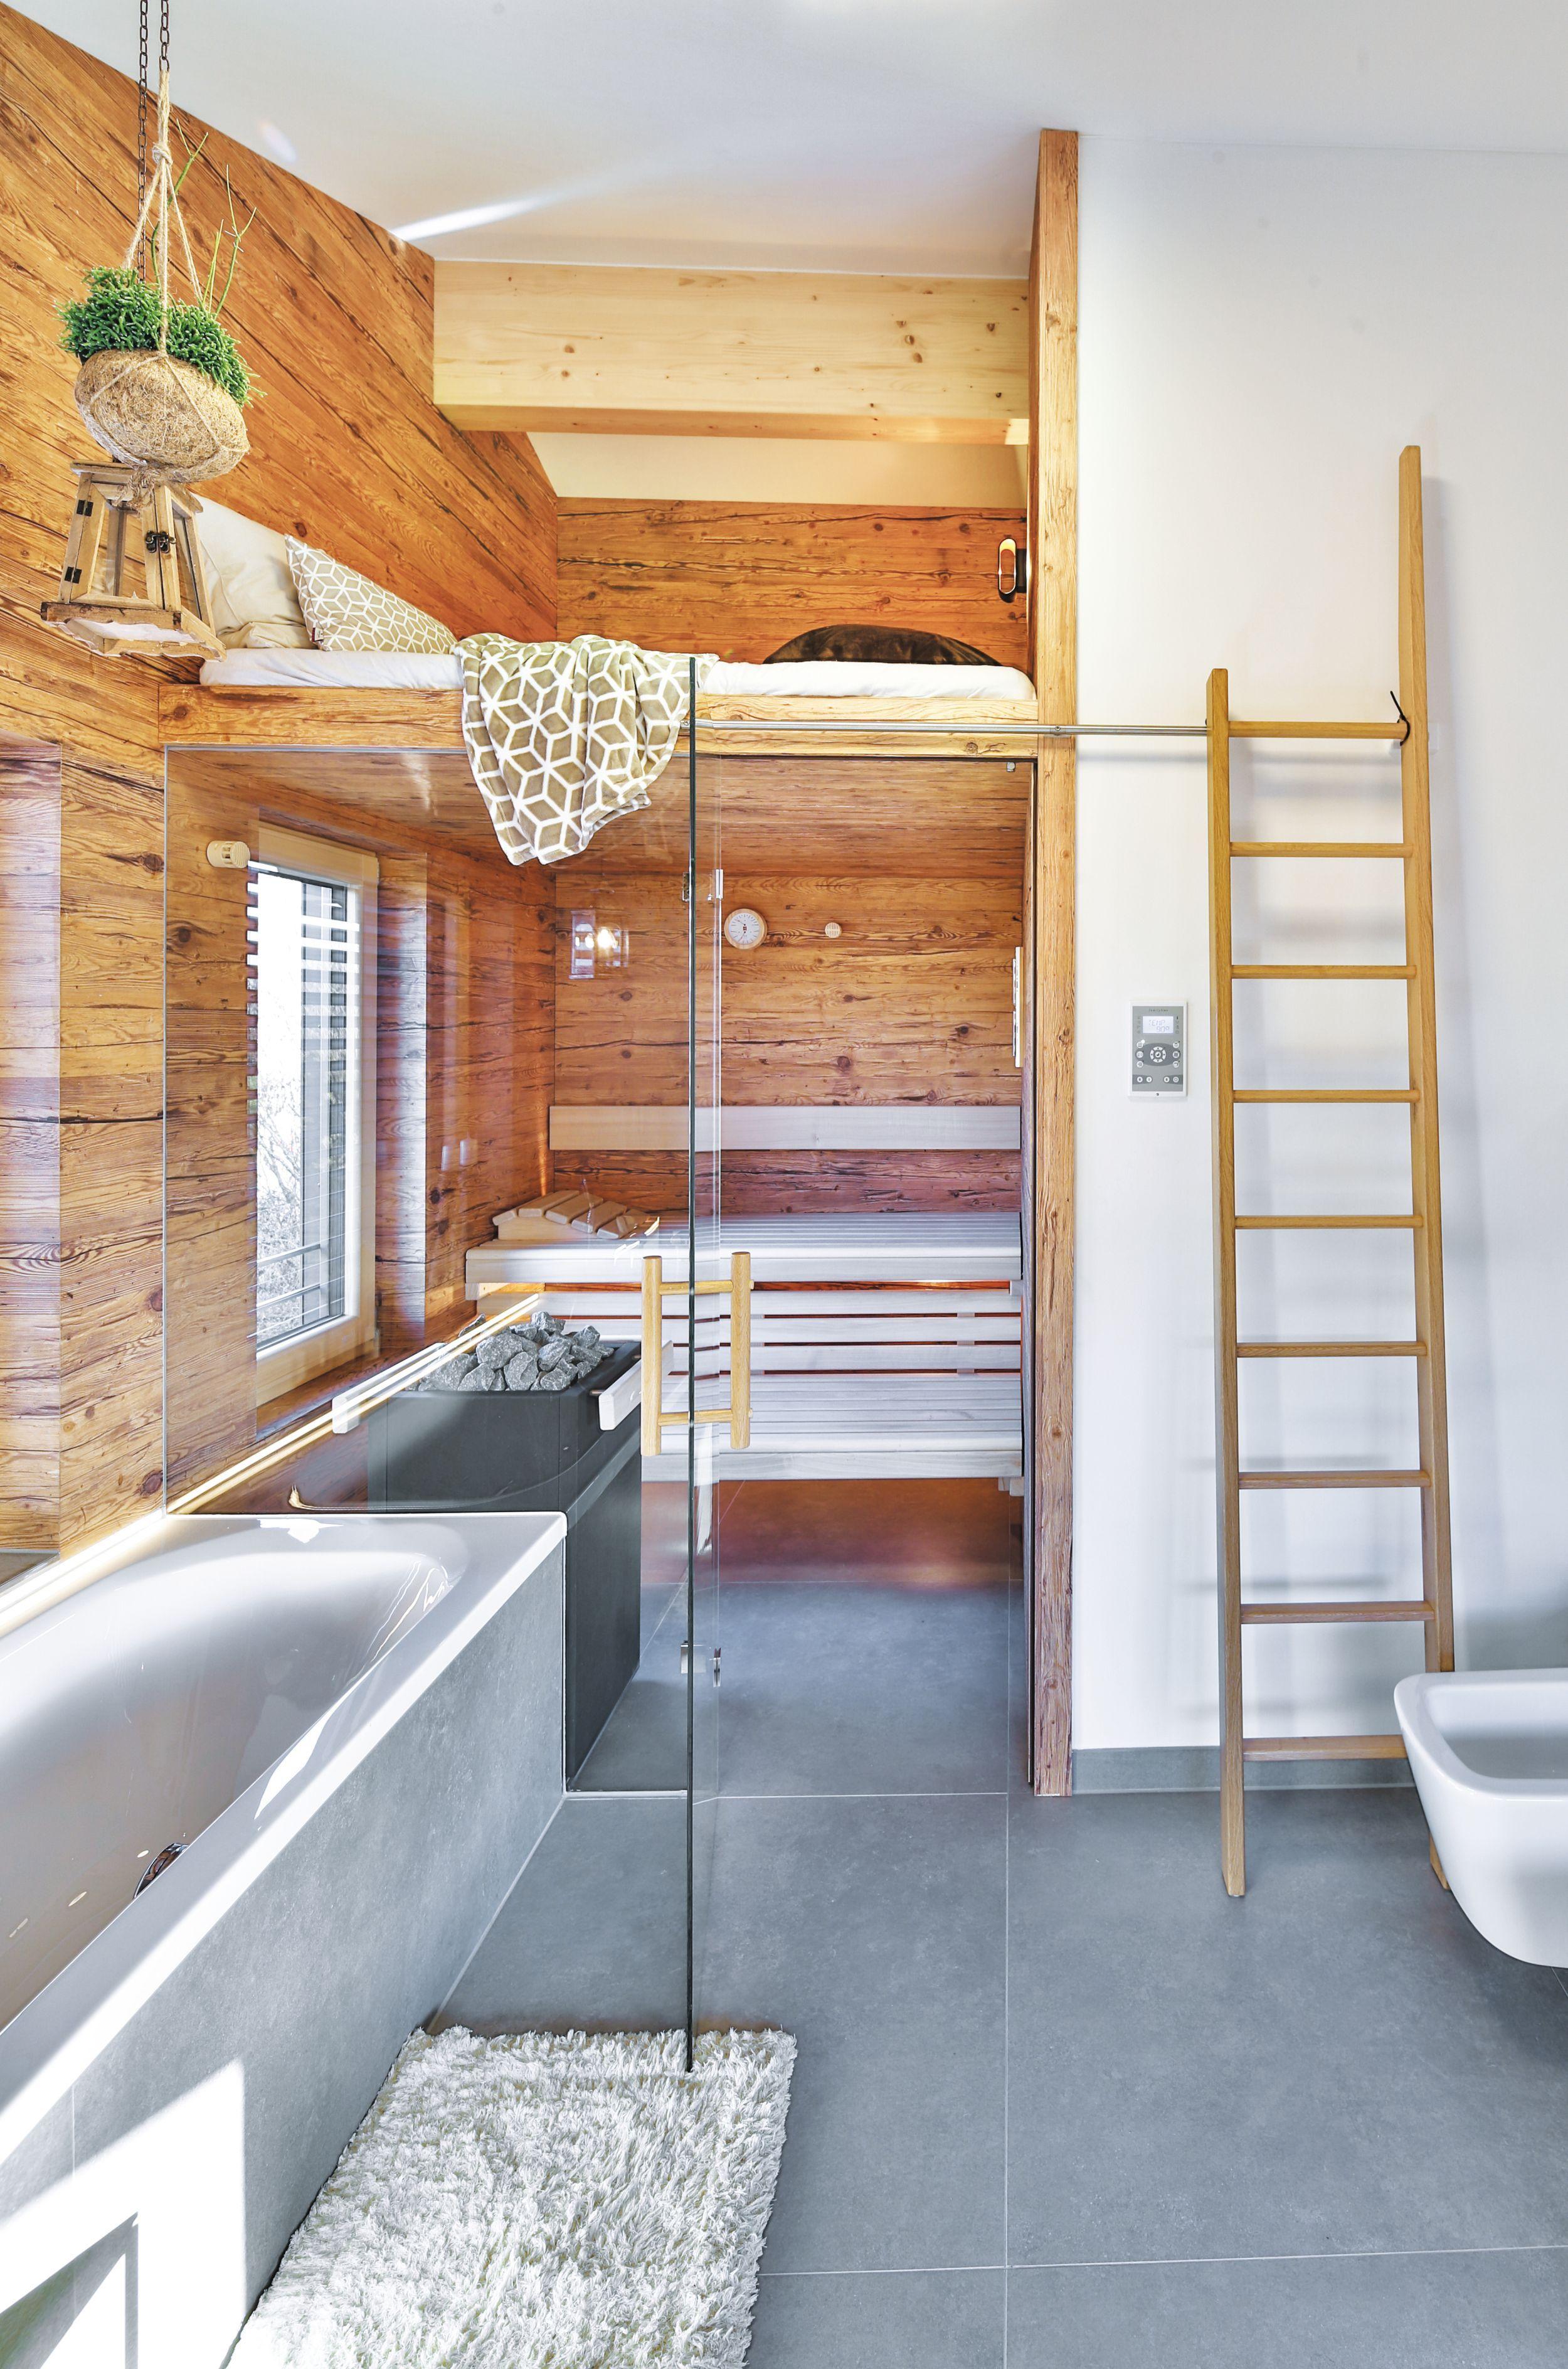 Home design bilder im freien in der funktional durchdachten grundrissgestaltung setzen